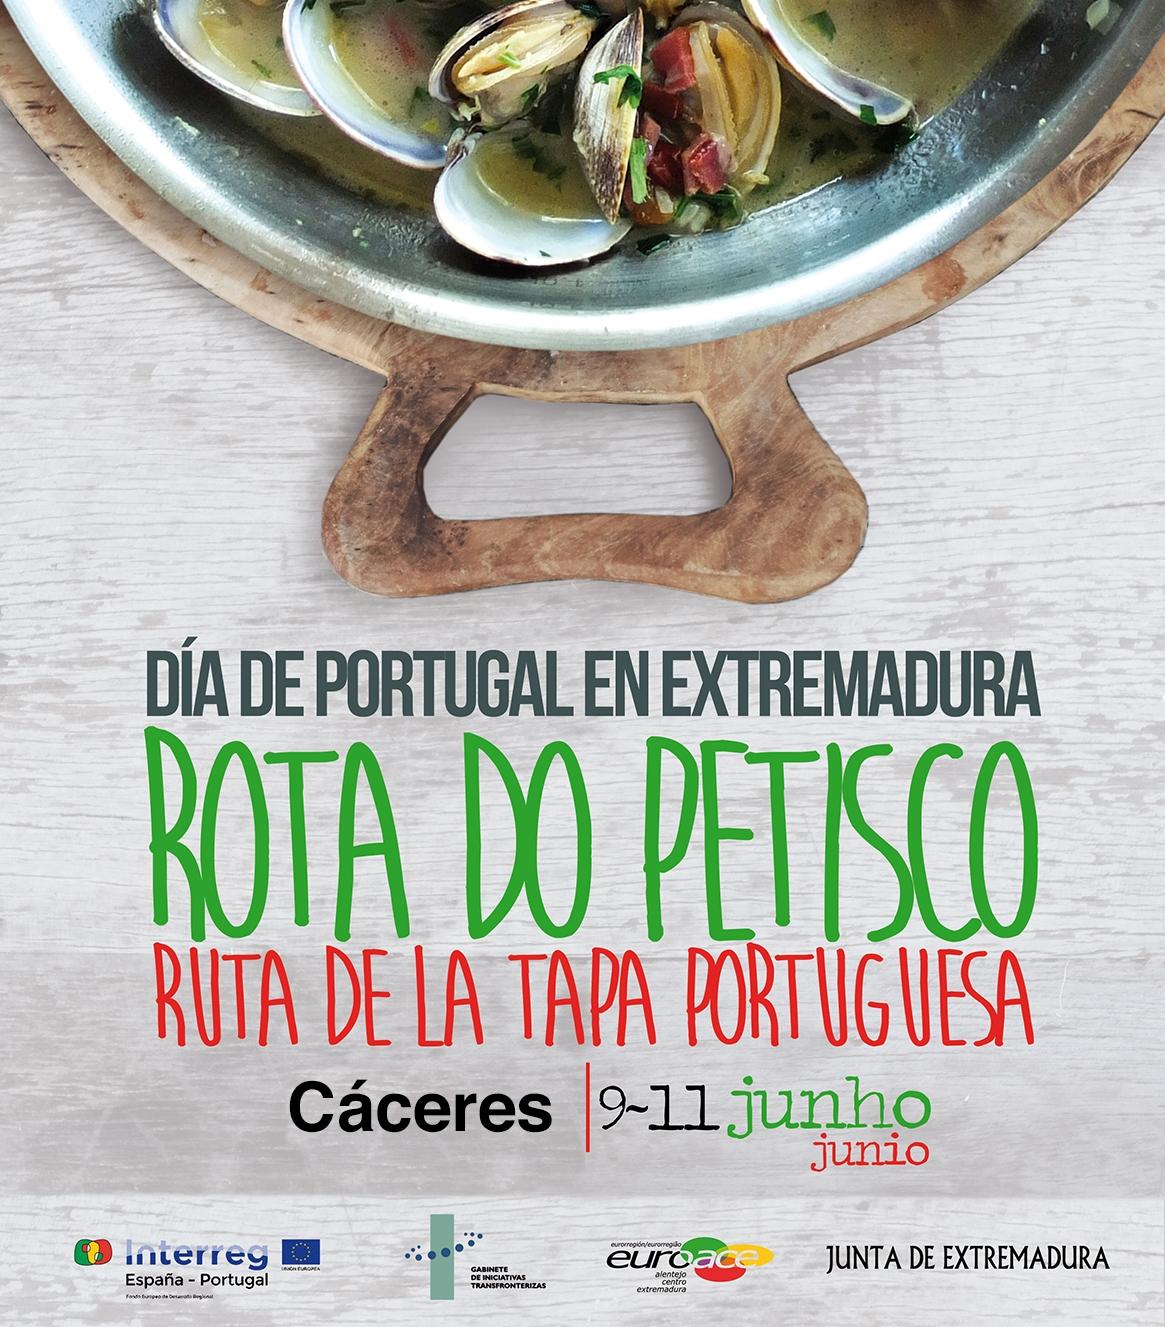 Rota do Petisco / Ruta de la Tapa portuguesa / CÁCERES